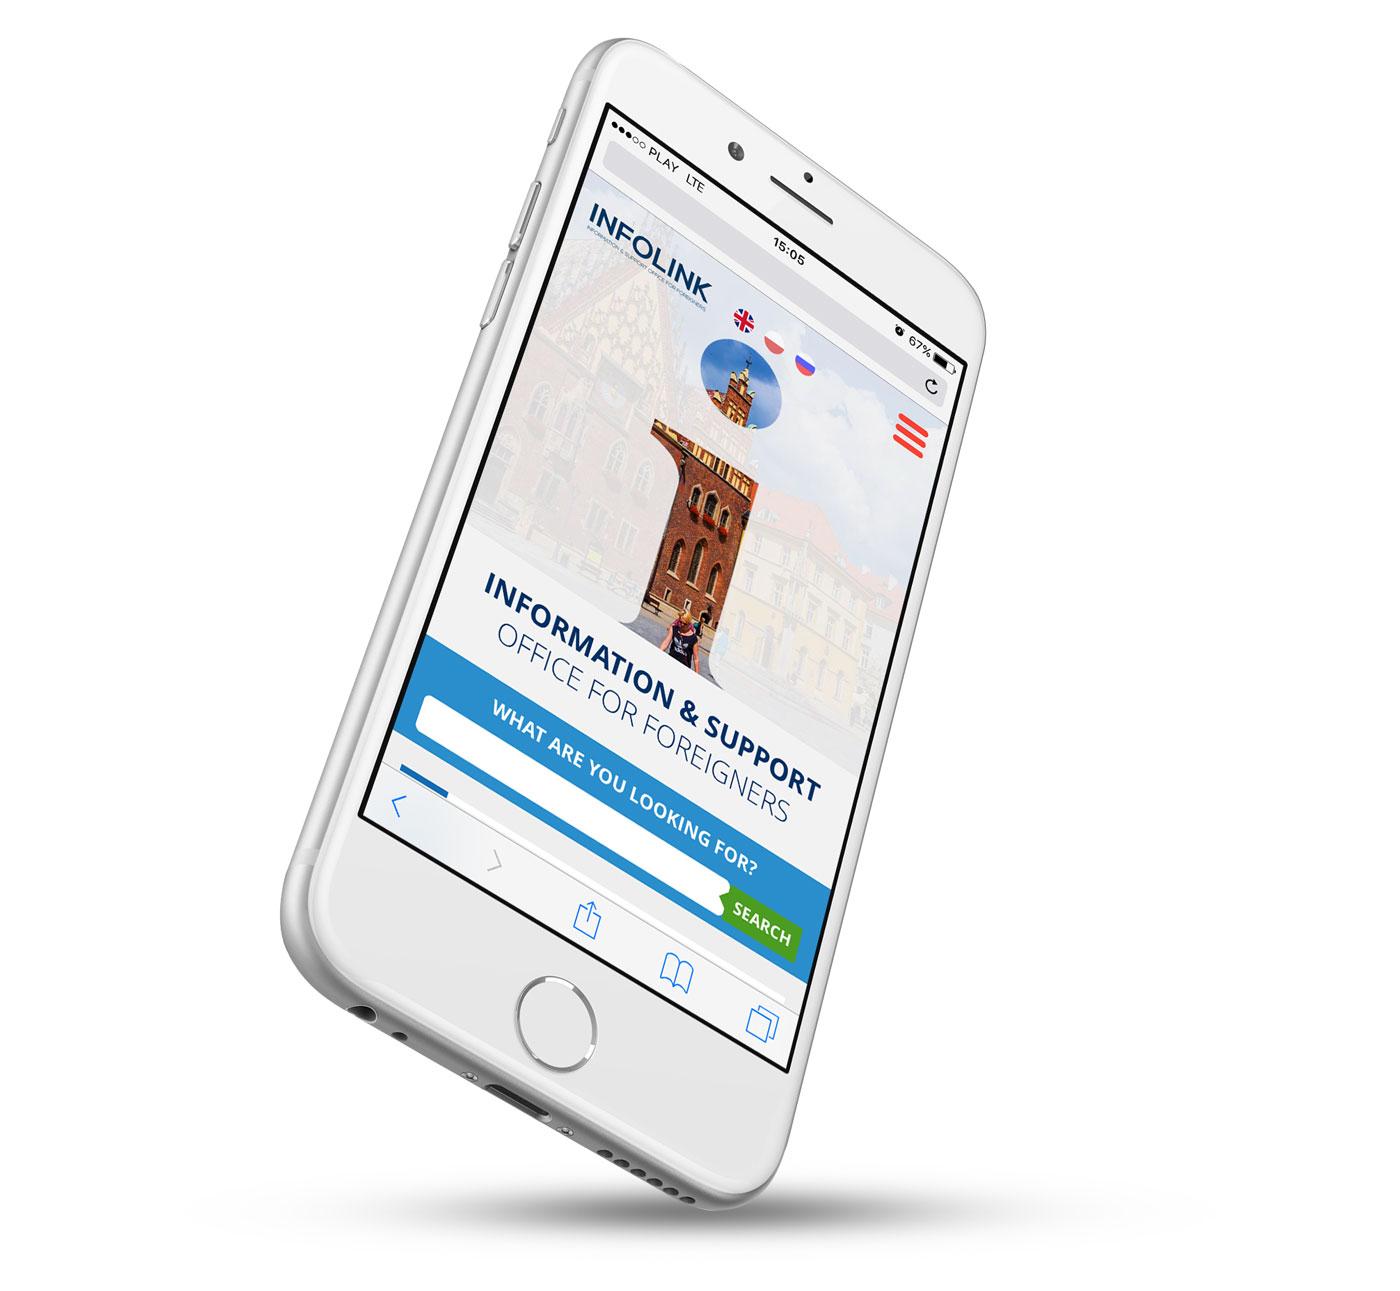 Serwis internetowy Infolink dla miasta Wrocław - wersja mobilna strony